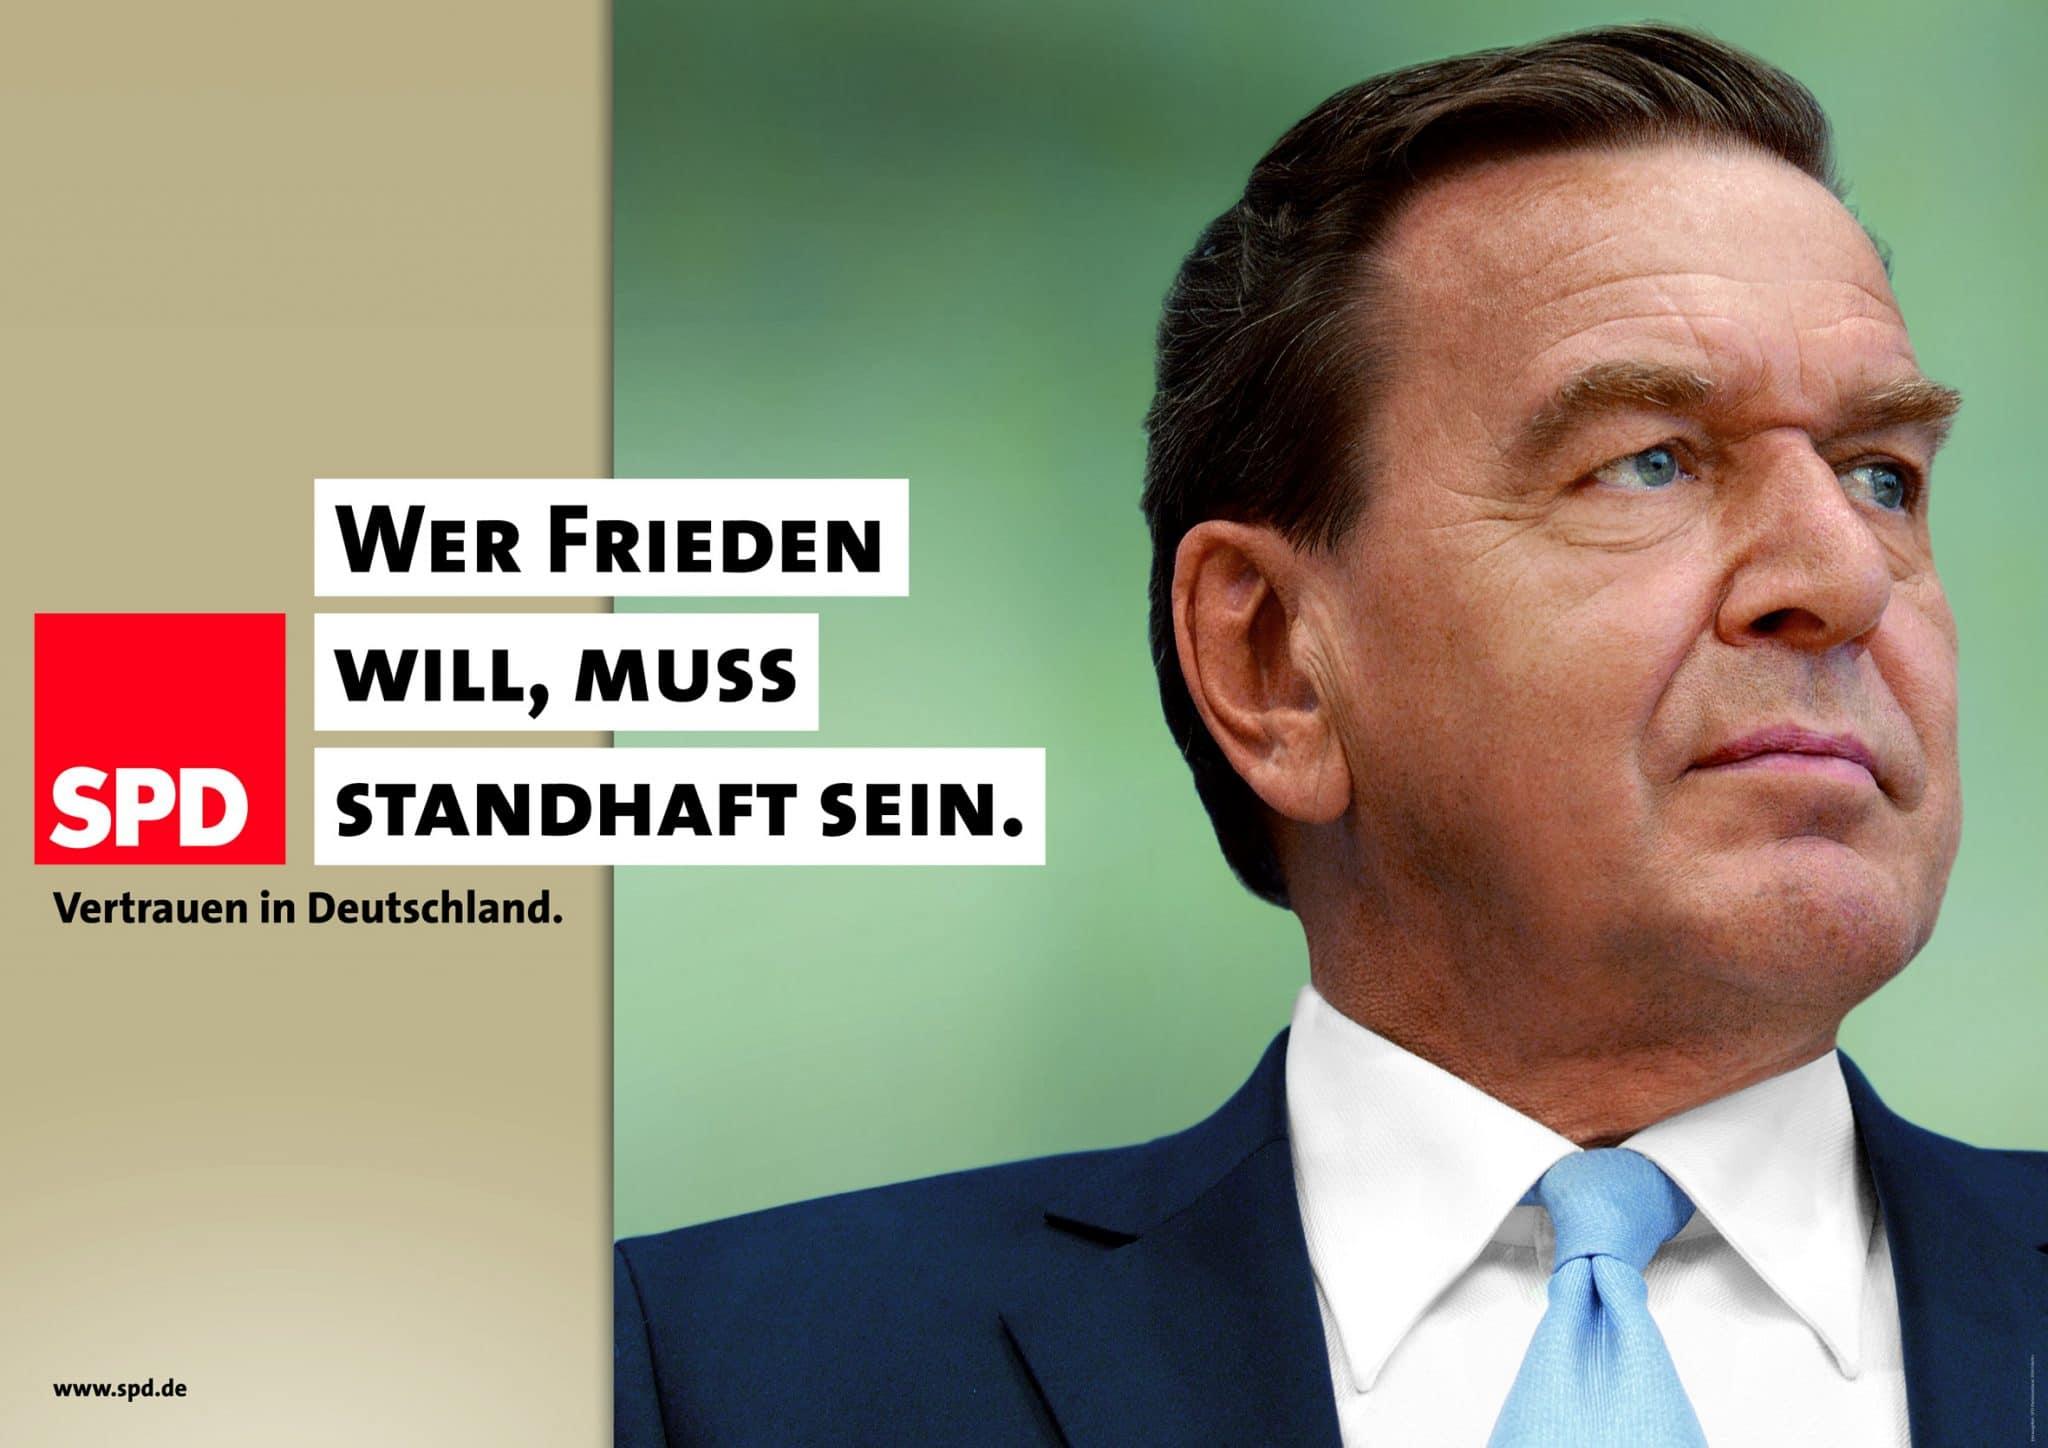 Die SPD-Kampagne zur Bundestagswahl 2005: nüchtern und mit einem klaren Ziel: soziale Gerechtigkeit, Foto: spd.de